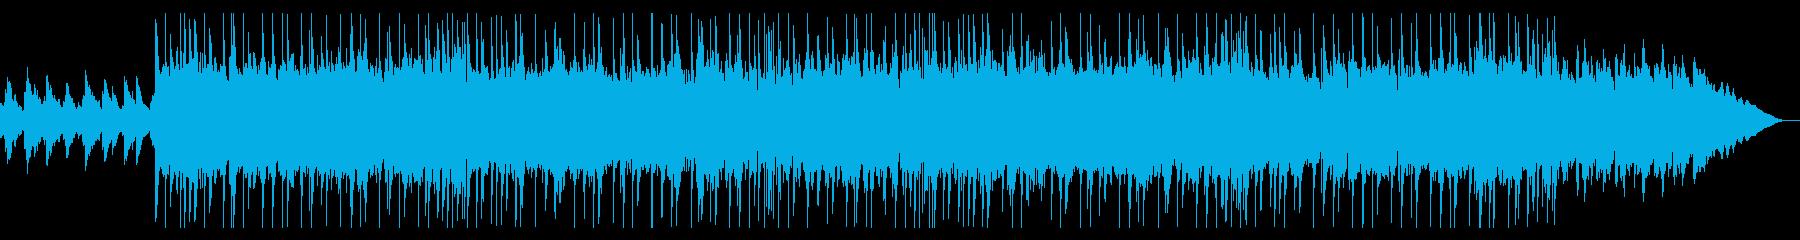 きらきらしたシンセとピアノの切ない楽曲の再生済みの波形